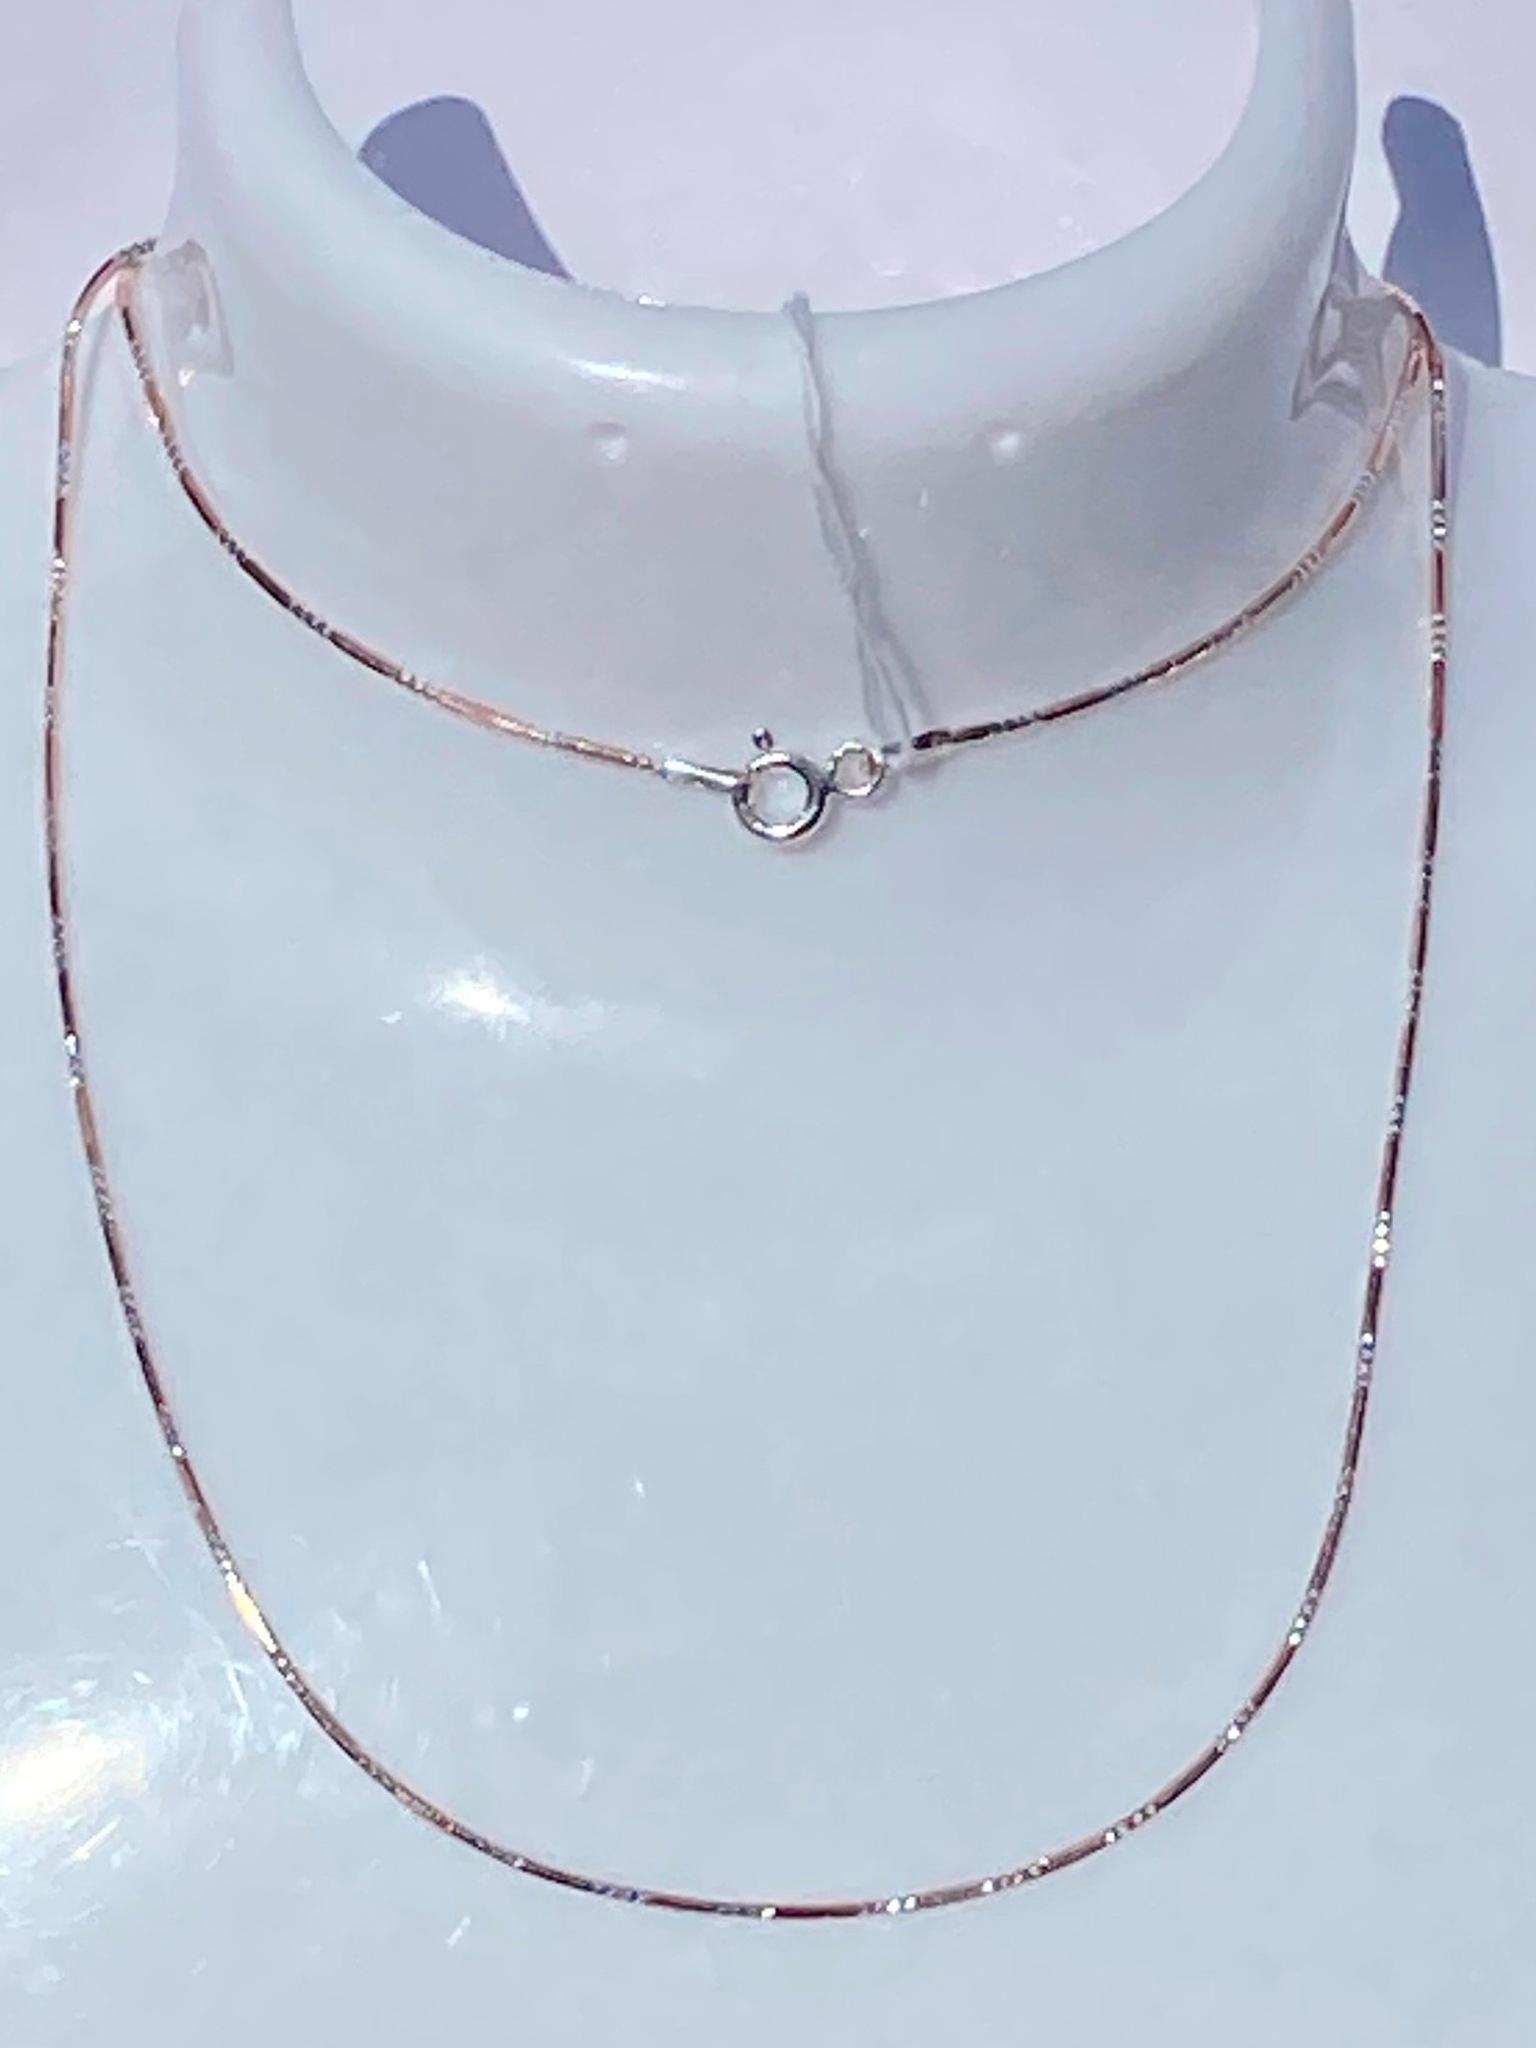 Снейк шестигранный с алмазными насечками (цепочка из серебра с позолотой))